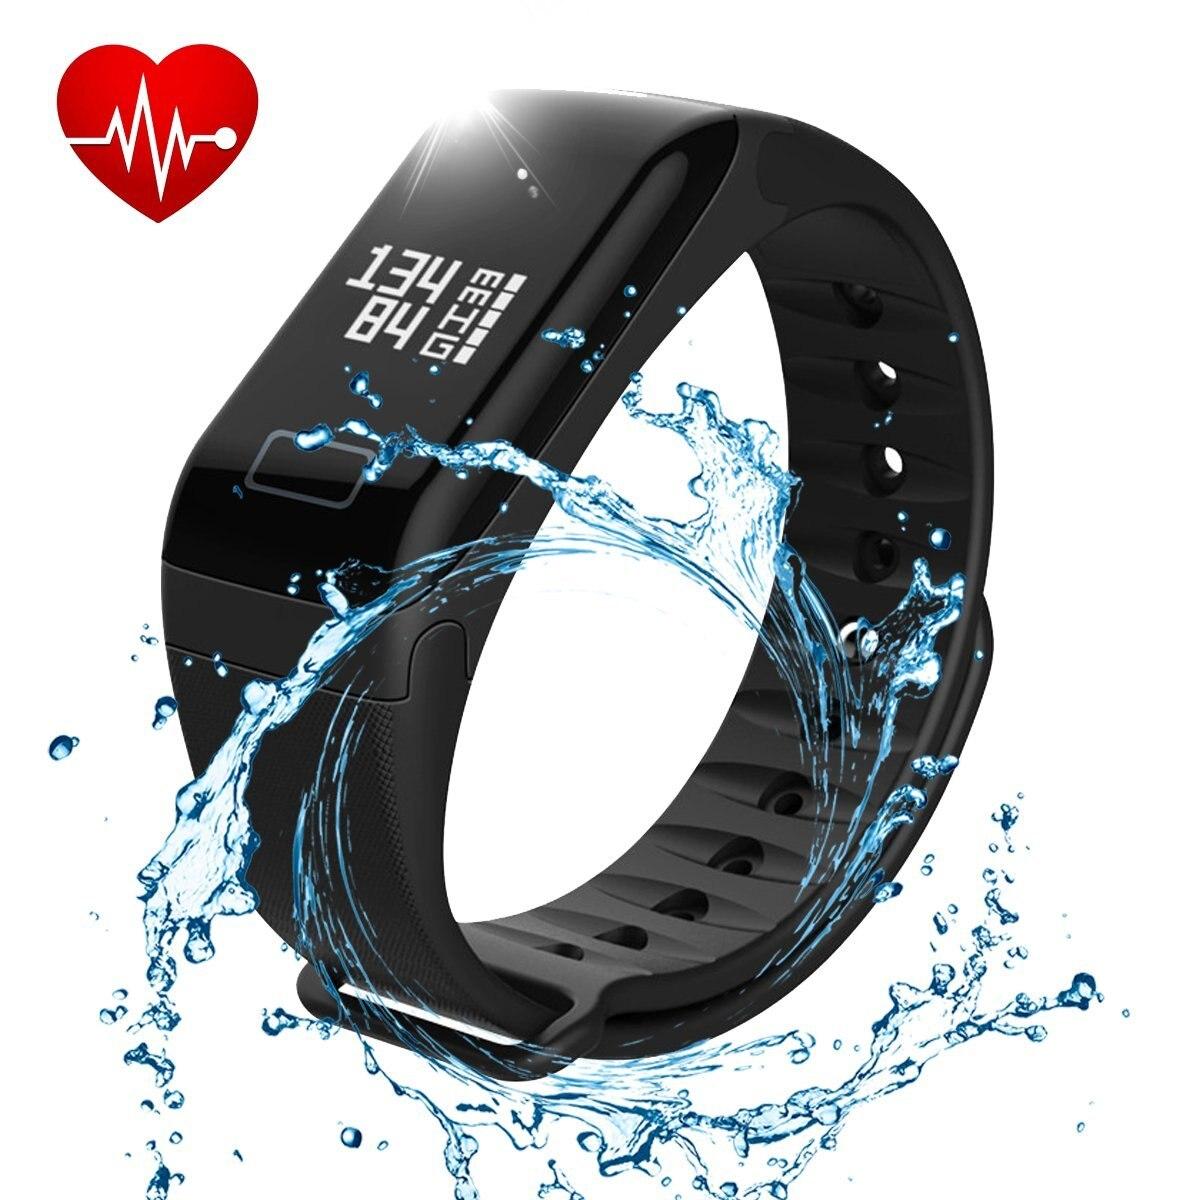 F1 Banda Intelligente Orologio Intelligente Intelligente Banda Fitness Tracker Impermeabile Bracciale della Pressione Arteriosa di Ossigeno Nel Sangue Monitor di Frequenza Cardiaca